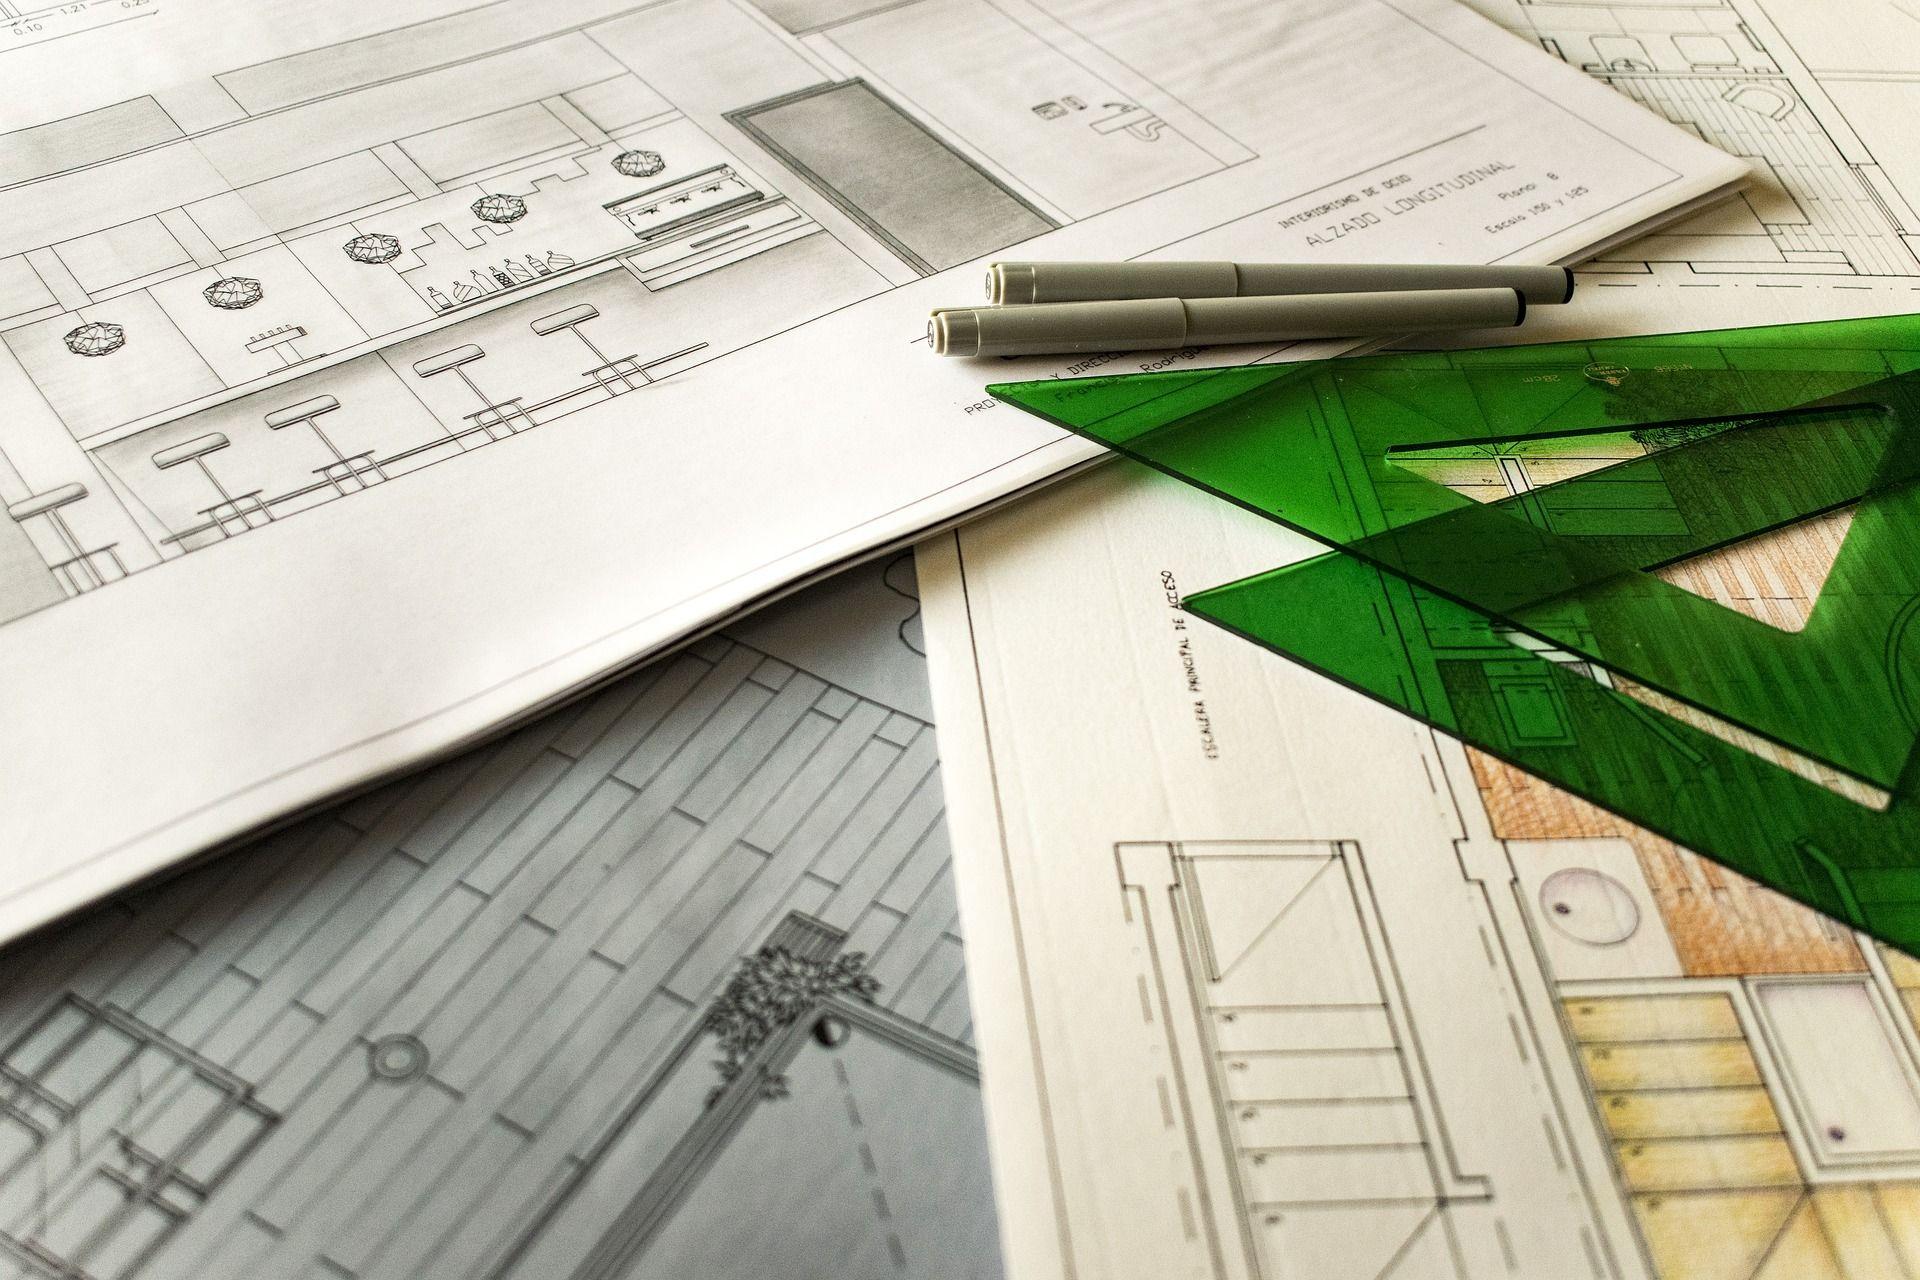 Autocad Drawing Service Design Jobs Interior Design Jobs Autocad